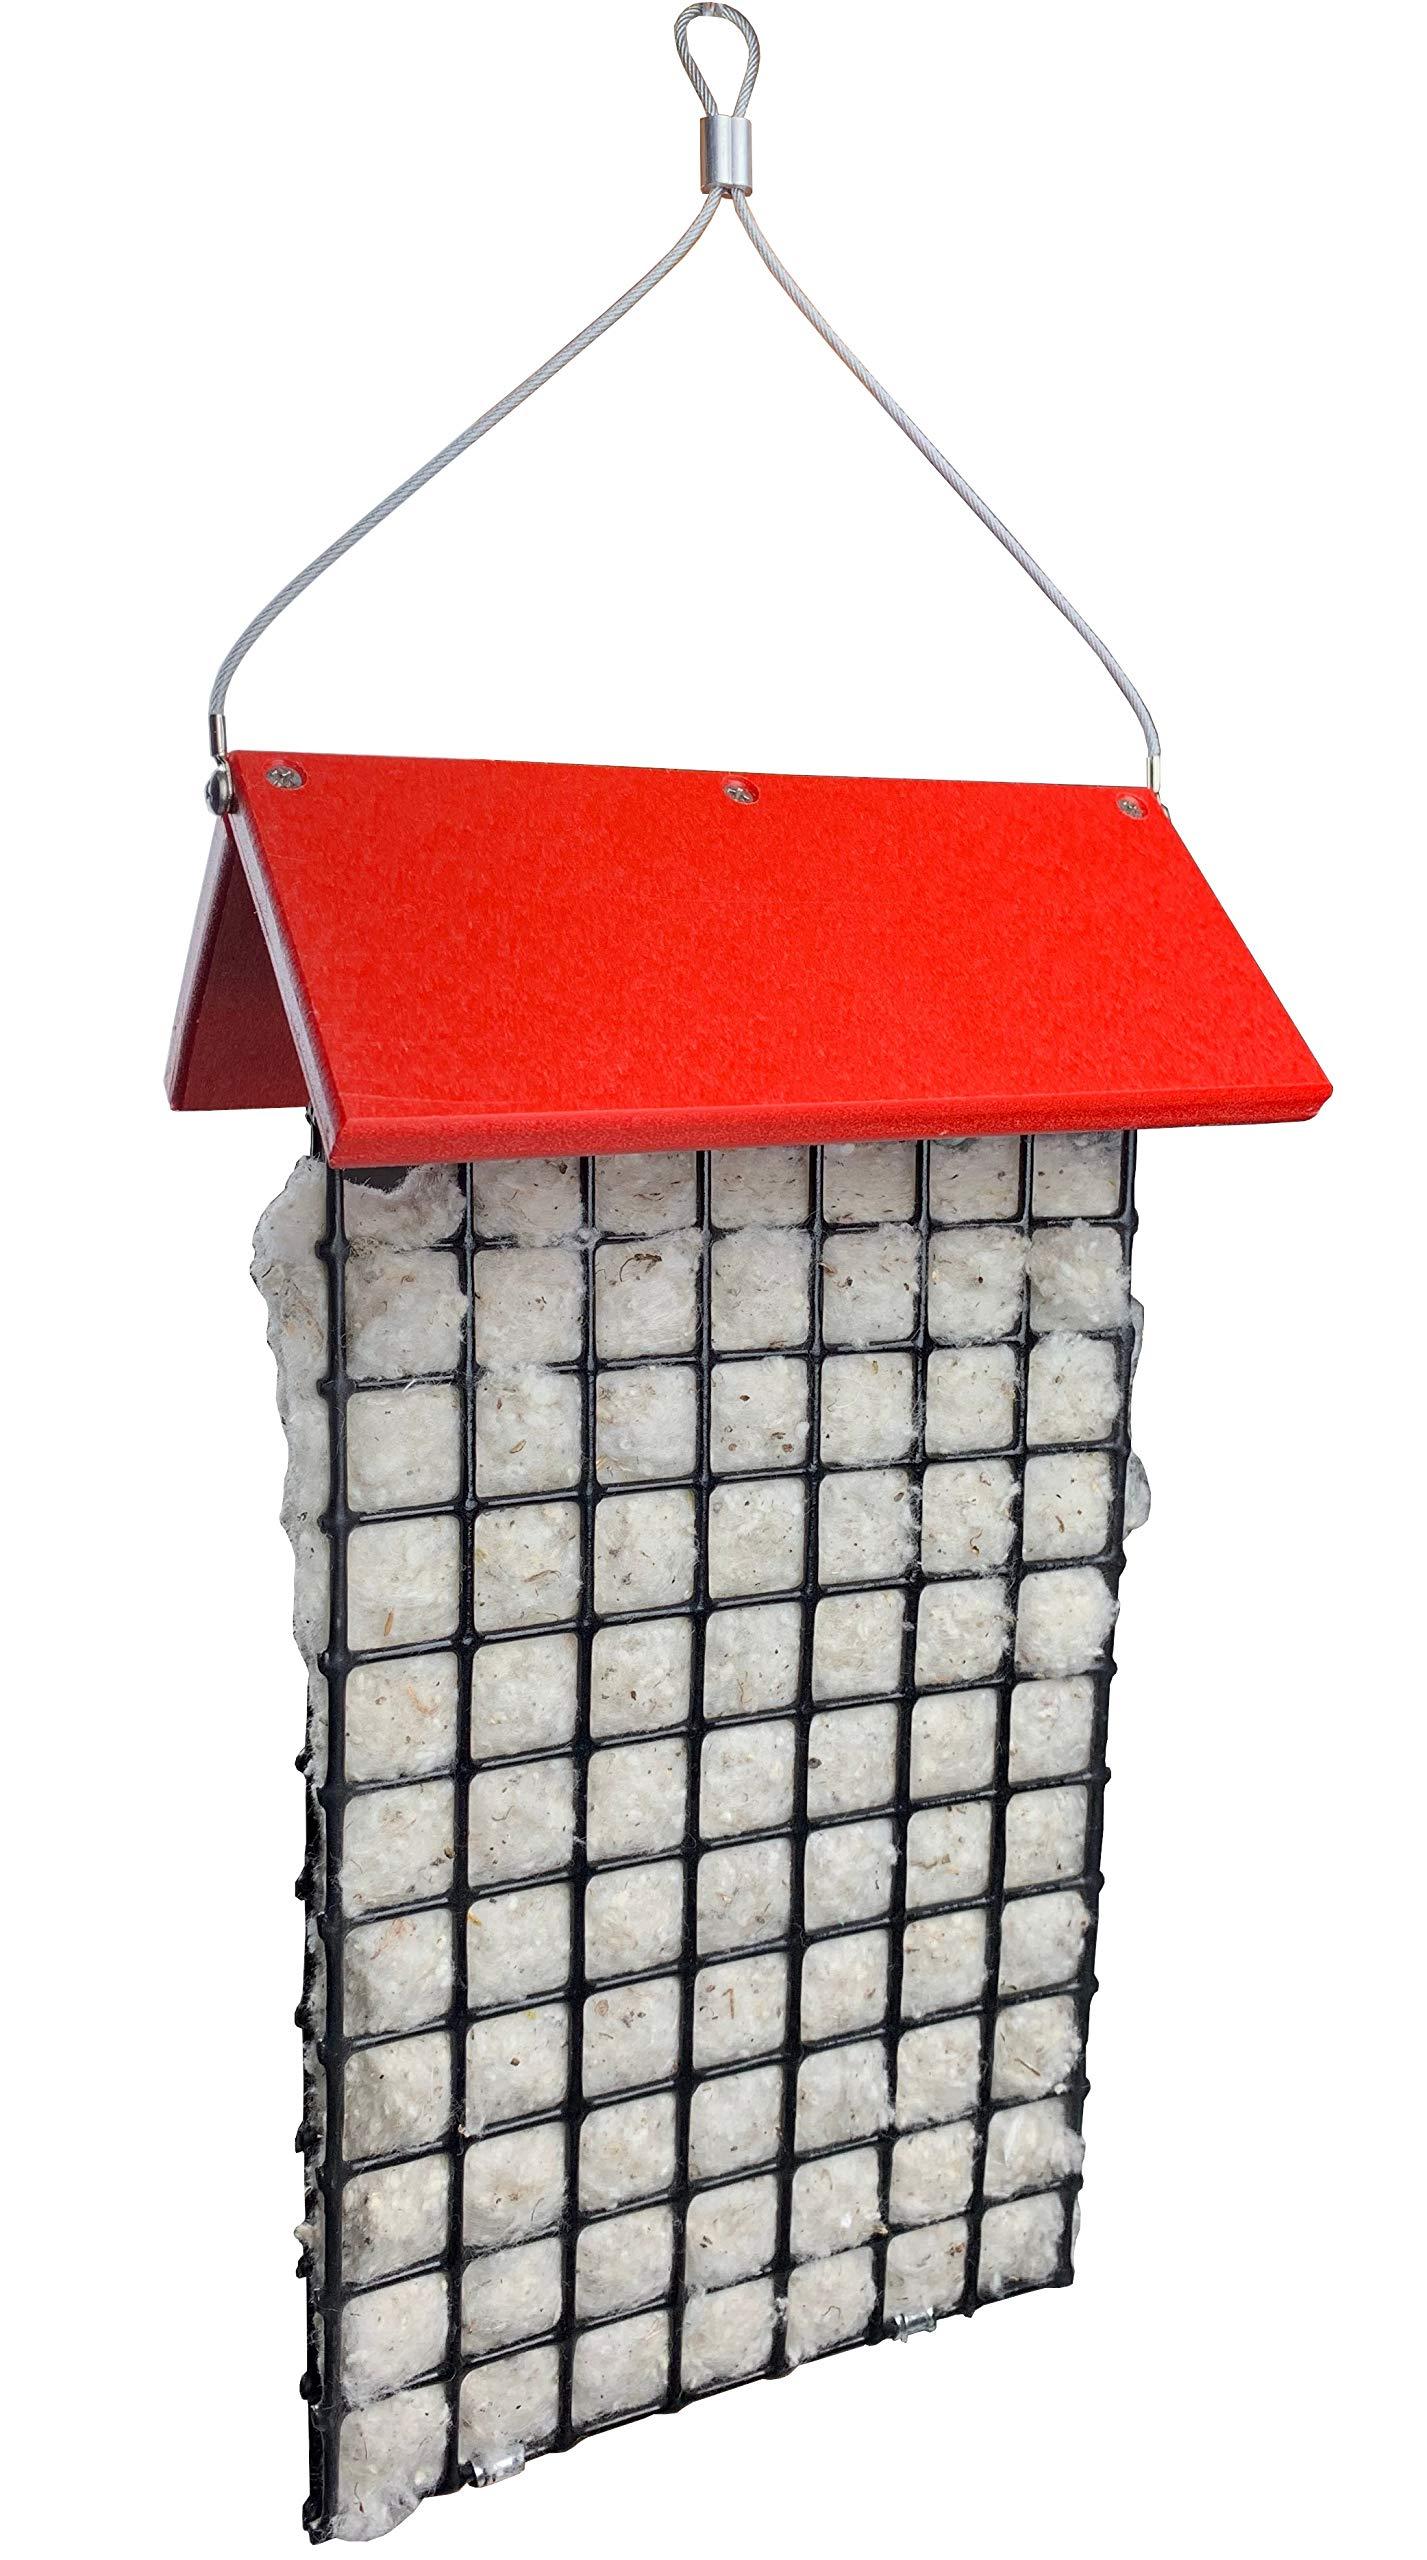 JCs Wildlife Deluxe Hummingbird Nester Builder with Weather Guard Roof